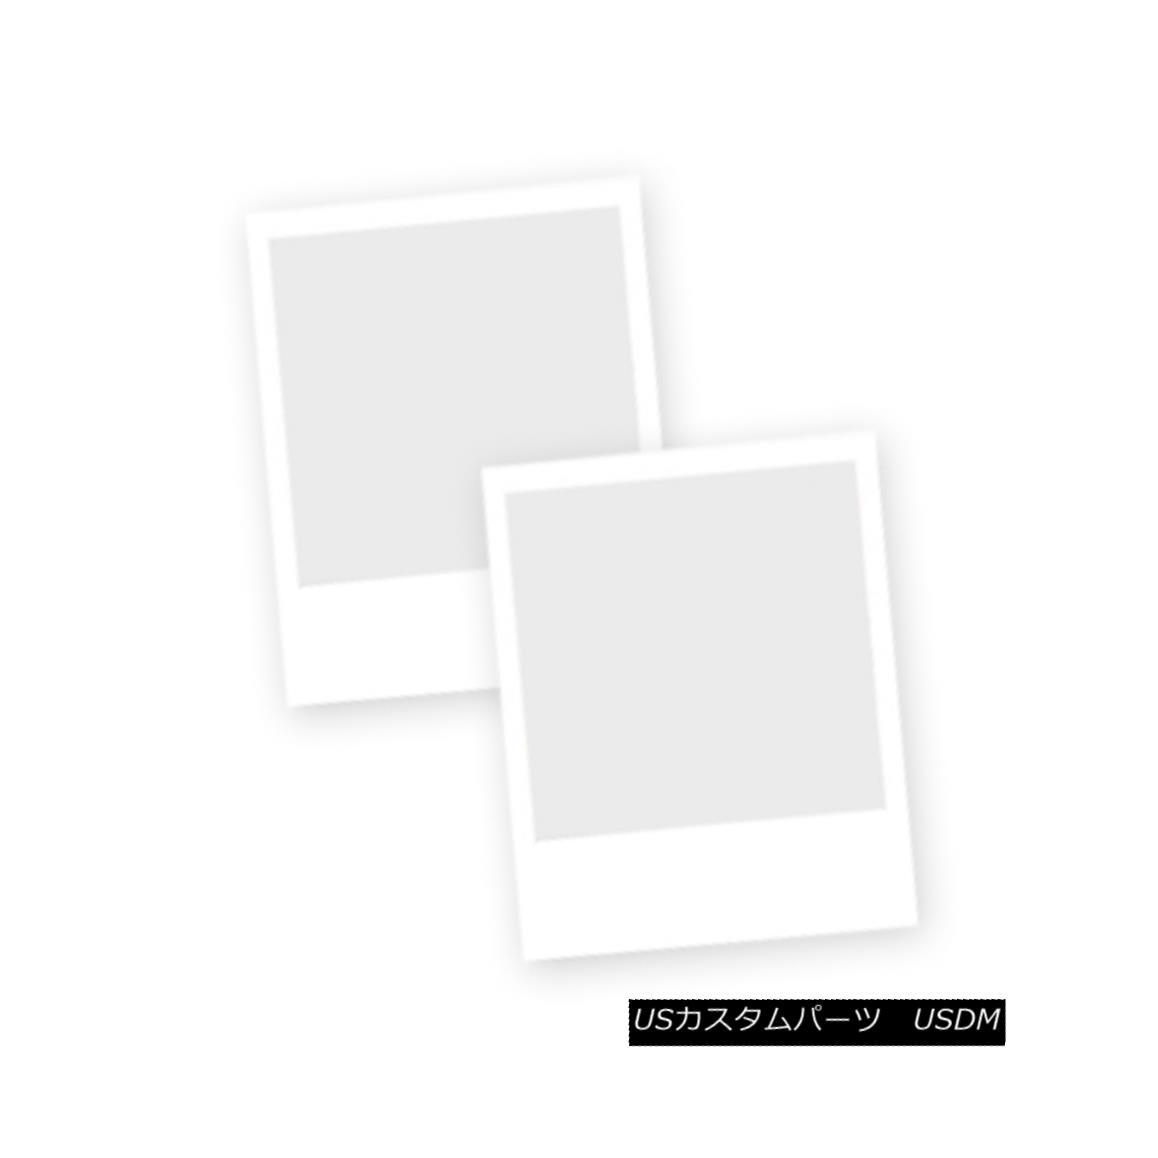 グリル Fits 2014-2016 Kia Forte Stainless Steel Mesh Grille Insert Combo フィット2014-2016キアフォルテステンレスメッシュグリルインサートコンボ